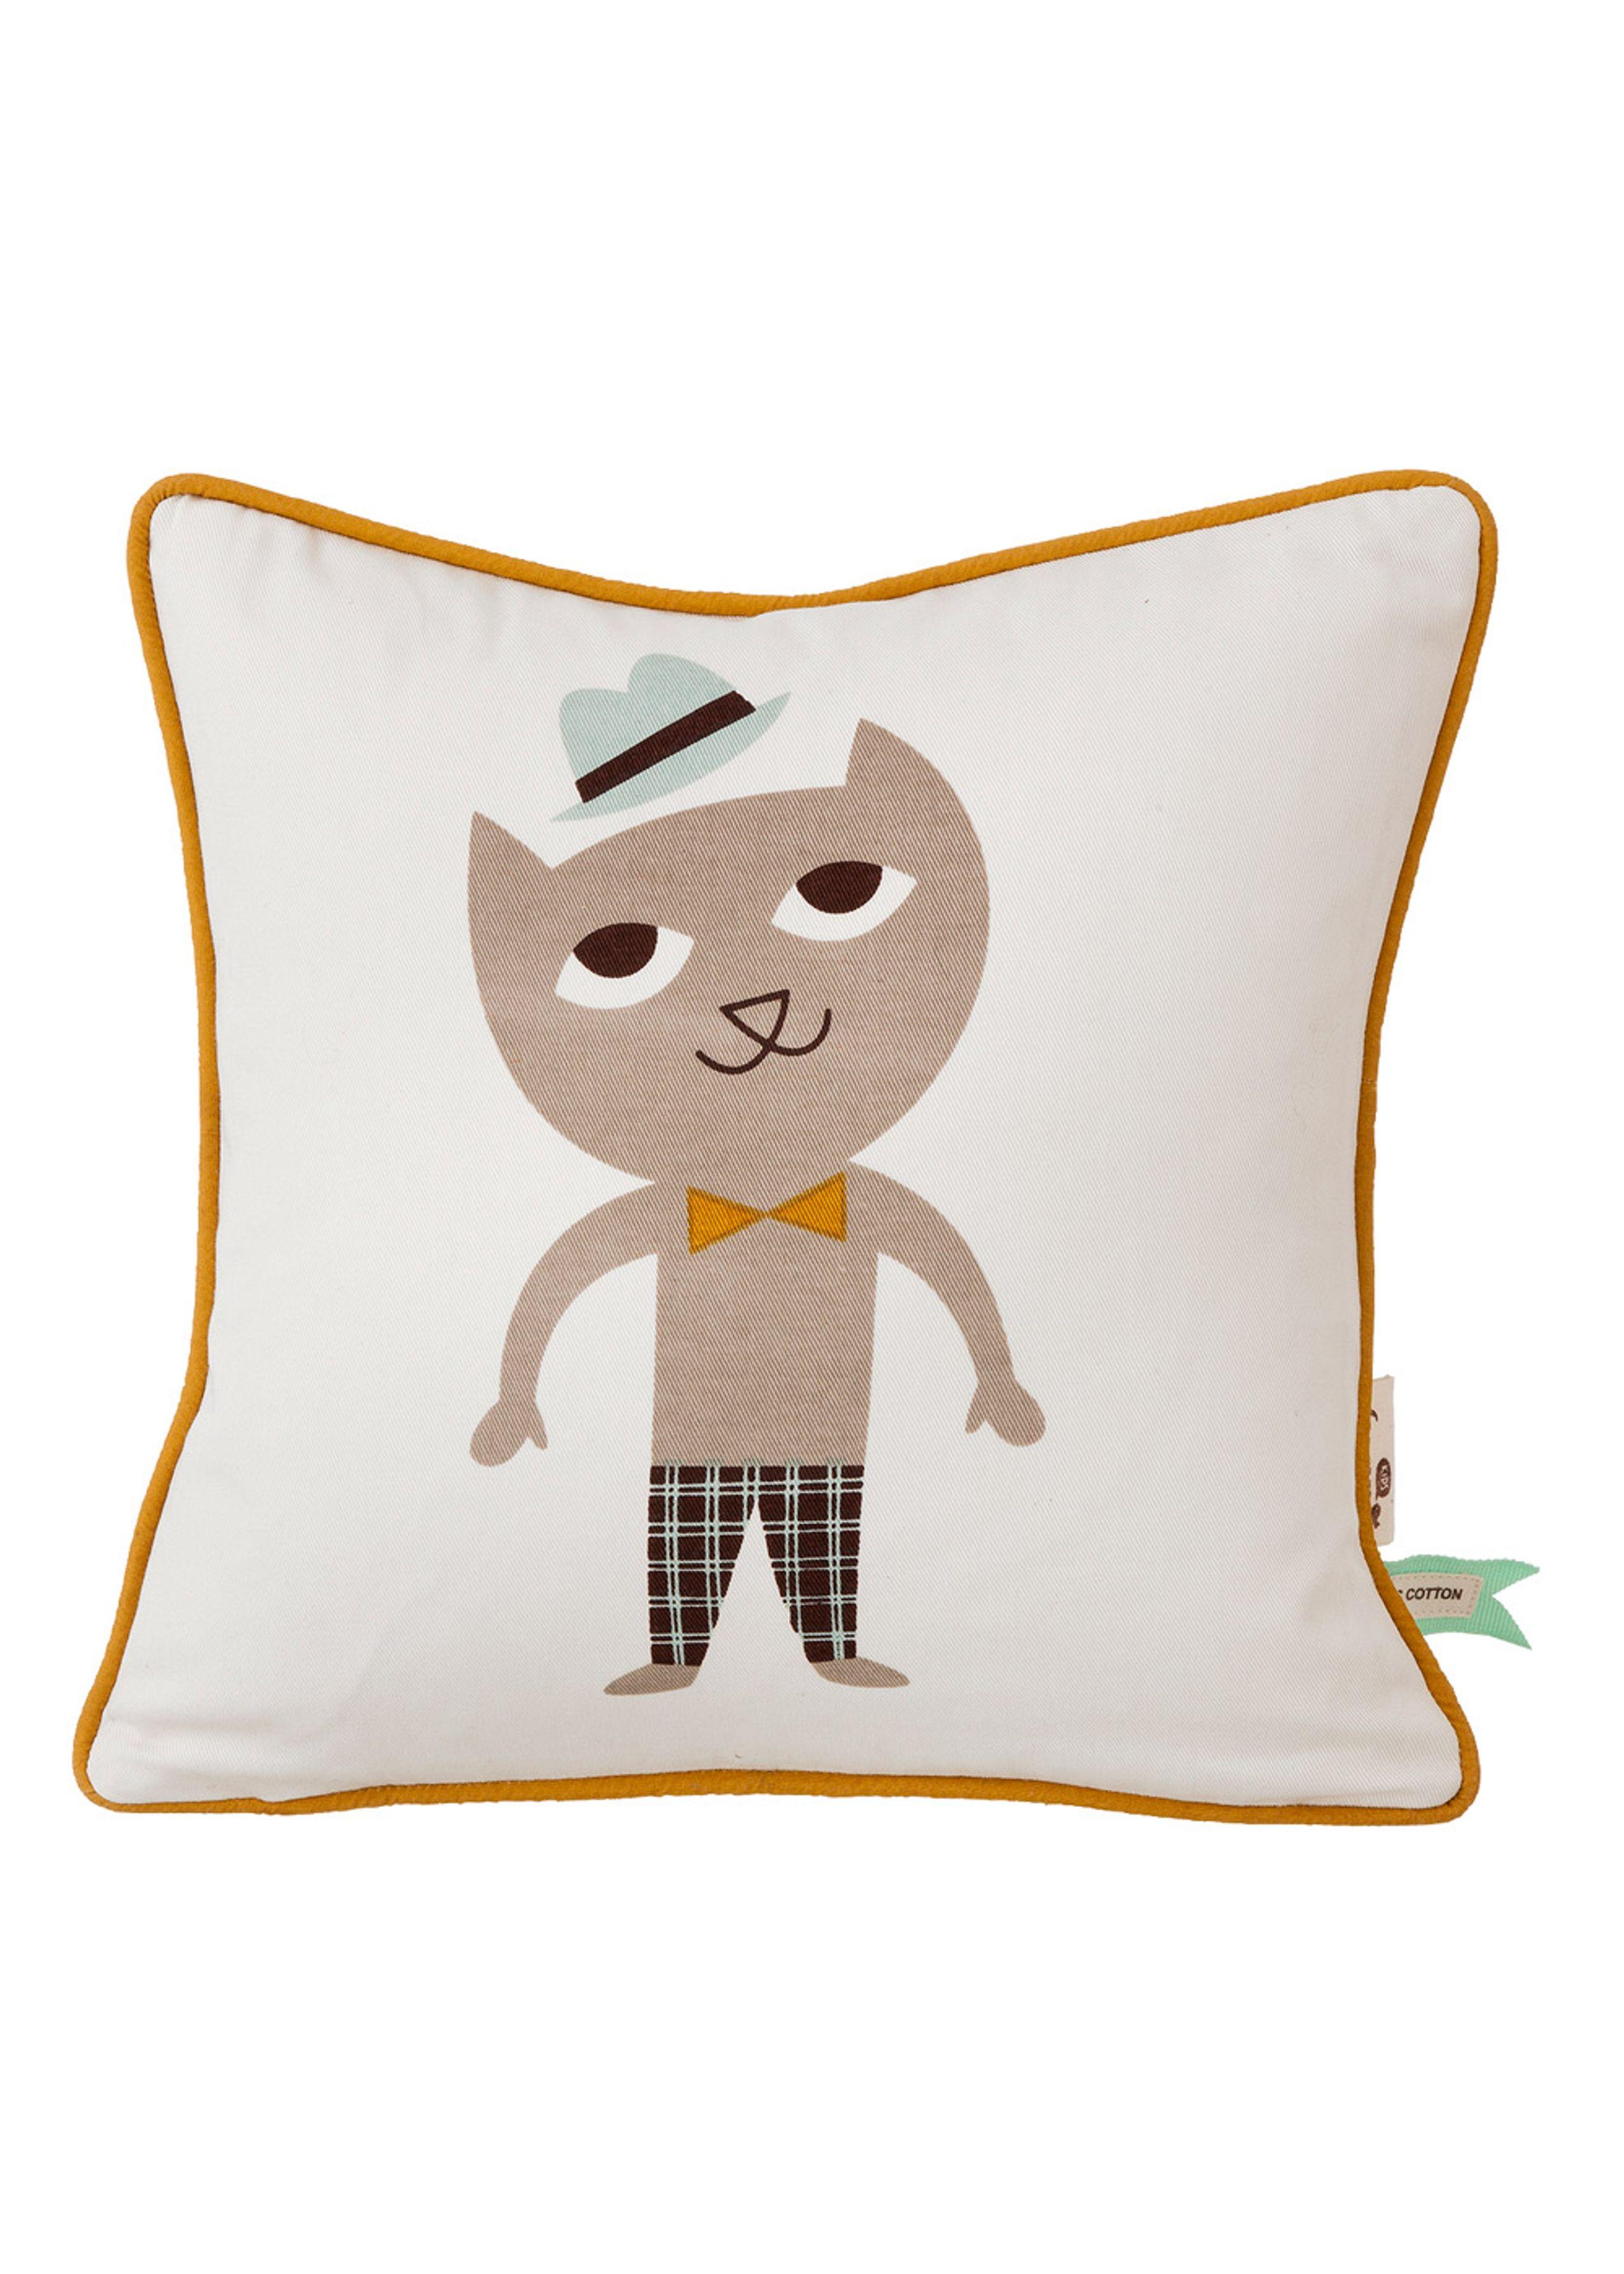 Kids cushion